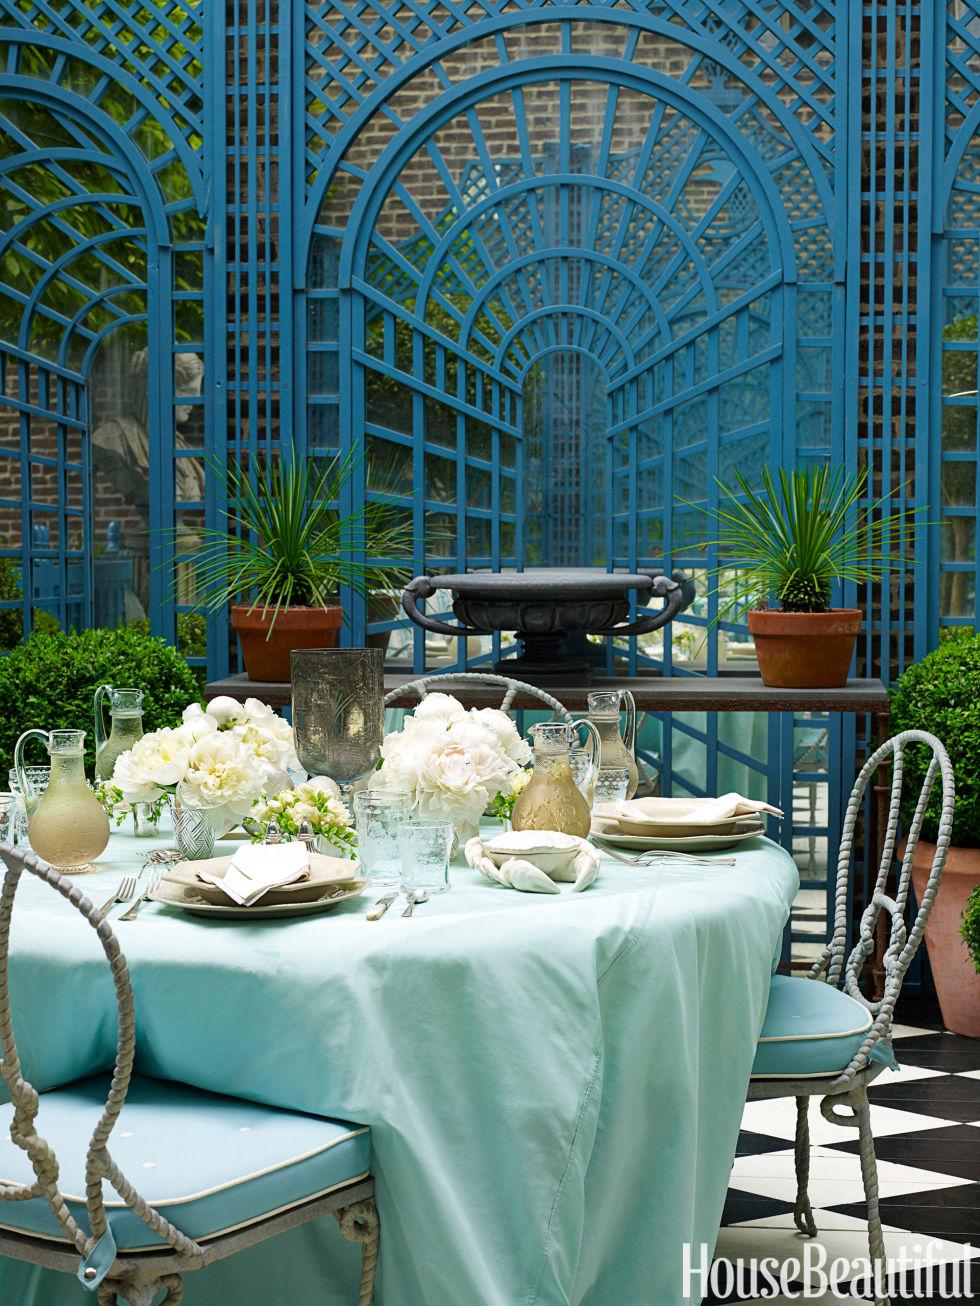 Restaurant table setting for two - Restaurant Table Setting For Two 54